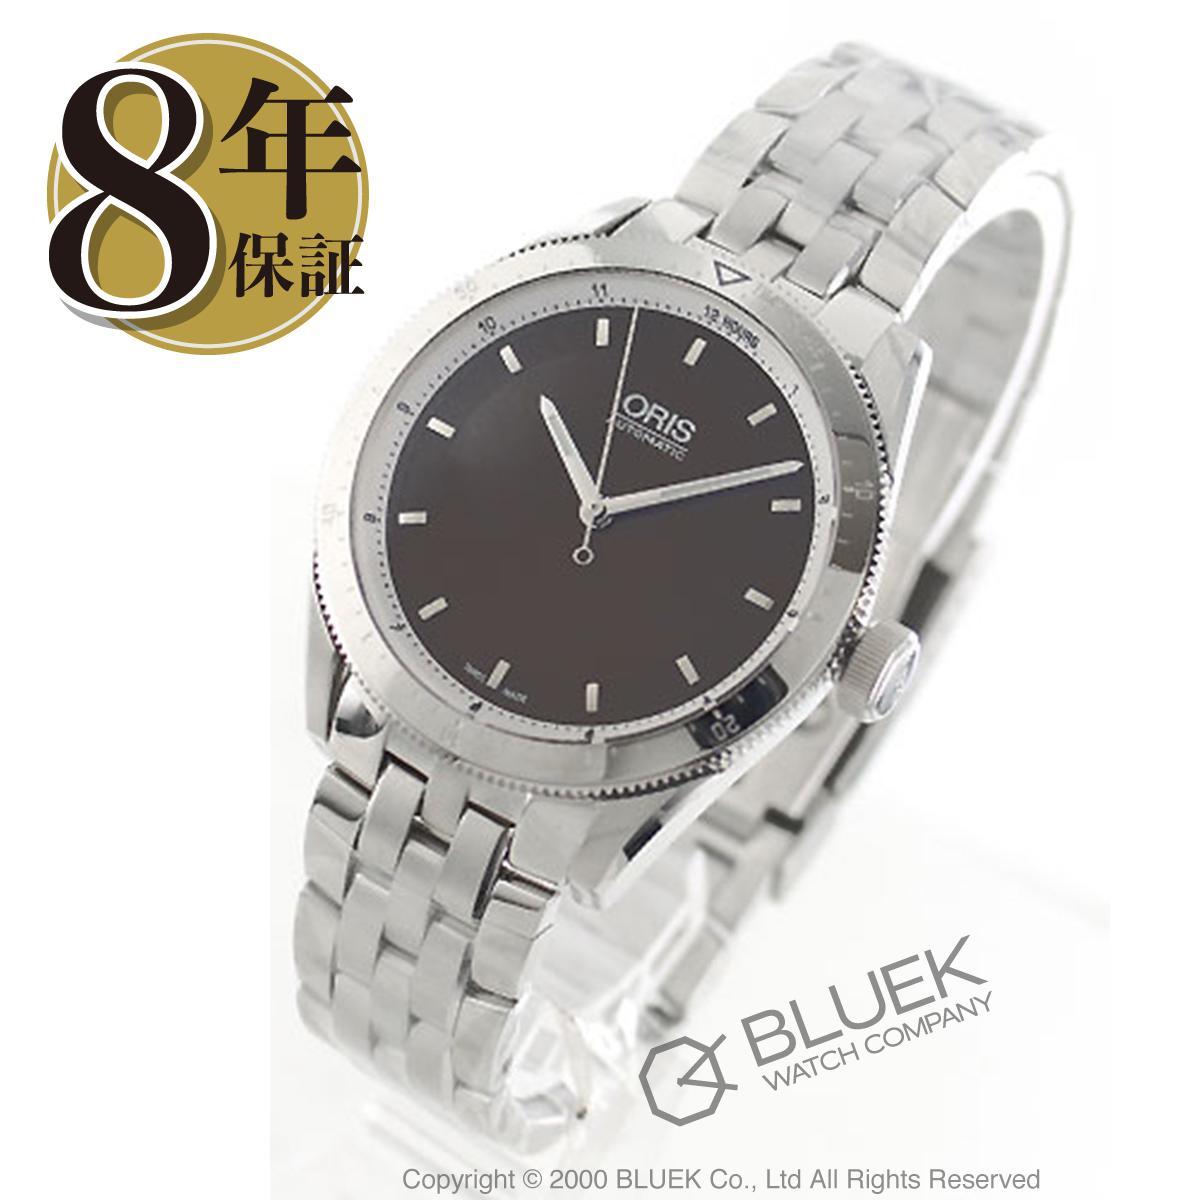 【3,000円OFFクーポン対象】オリス アーティックス GT 腕時計 メンズ ORIS 733 7671 4152M_8